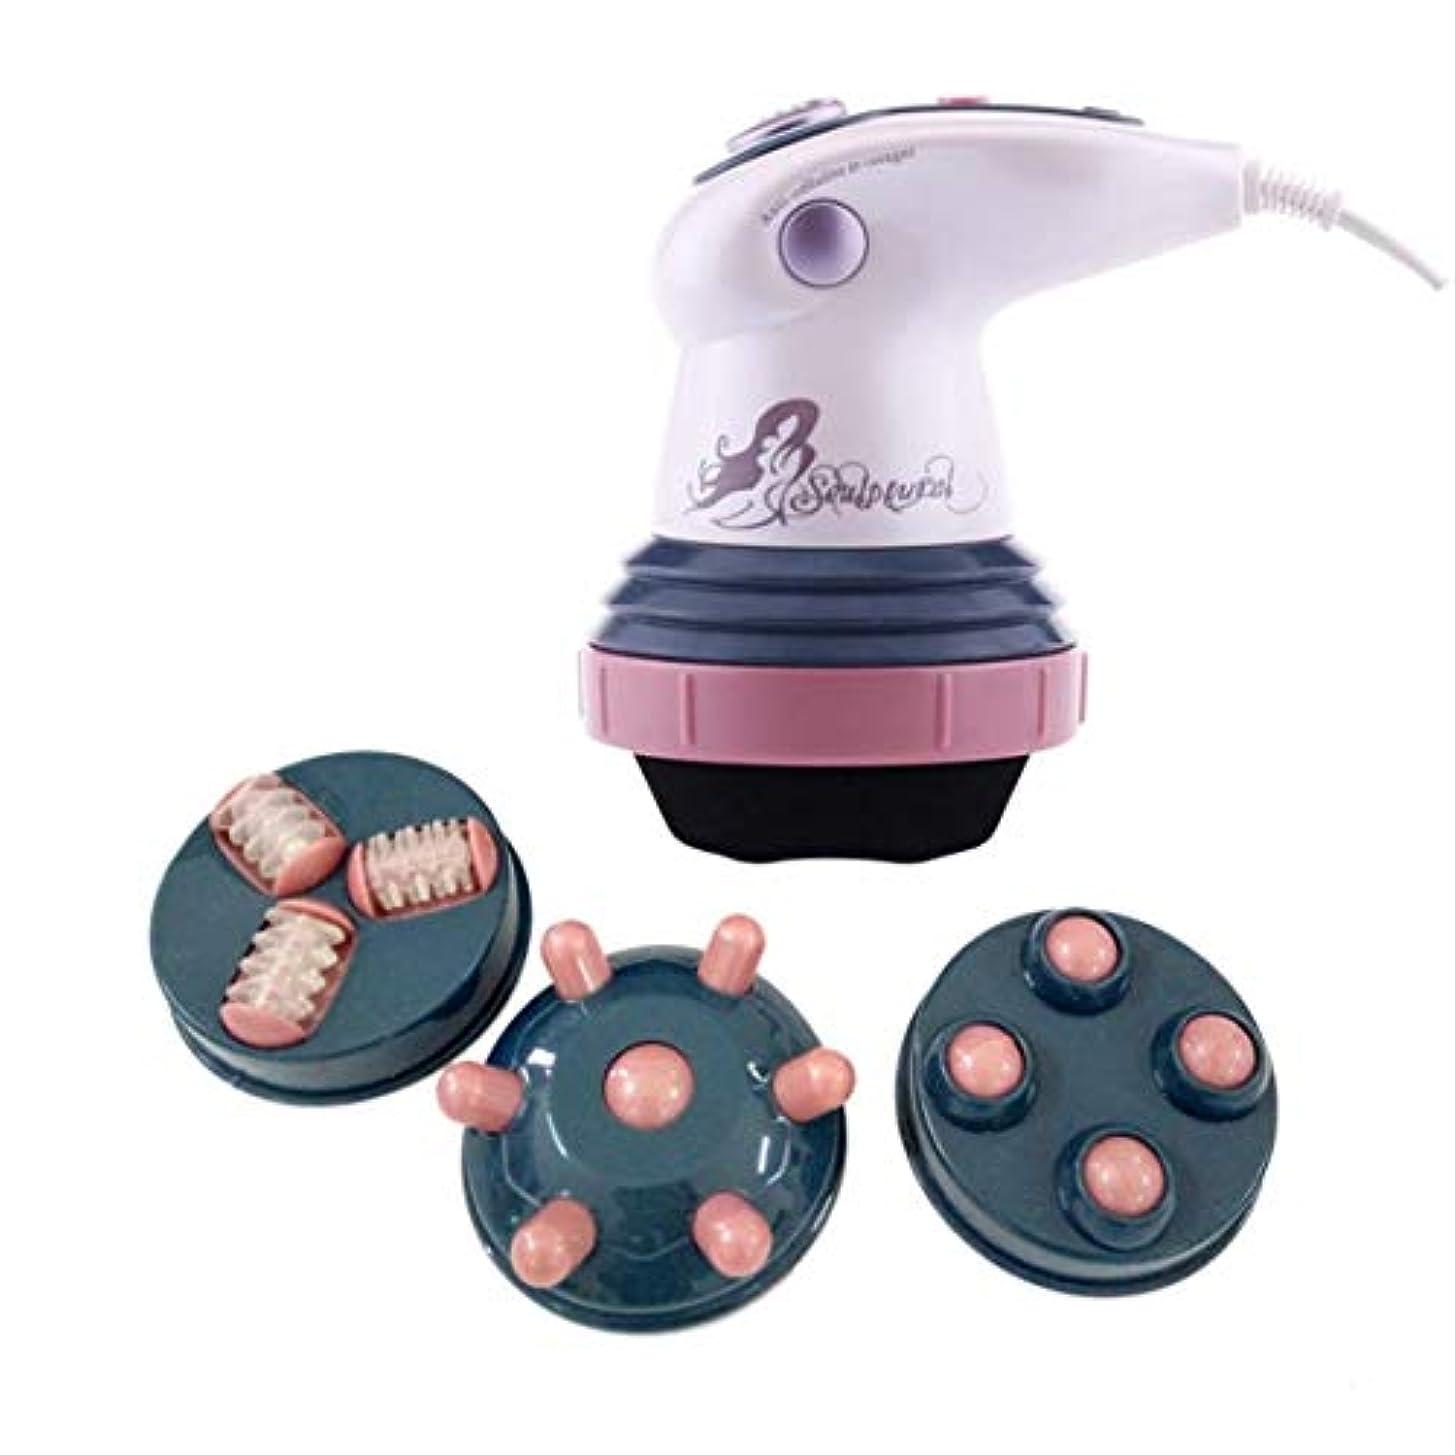 偏心ハンマー生理低雑音の赤外線電気脂肪燃焼はボディスリミングマッサージャー抗セルライトボディマッサージ機を削除します - ピンク